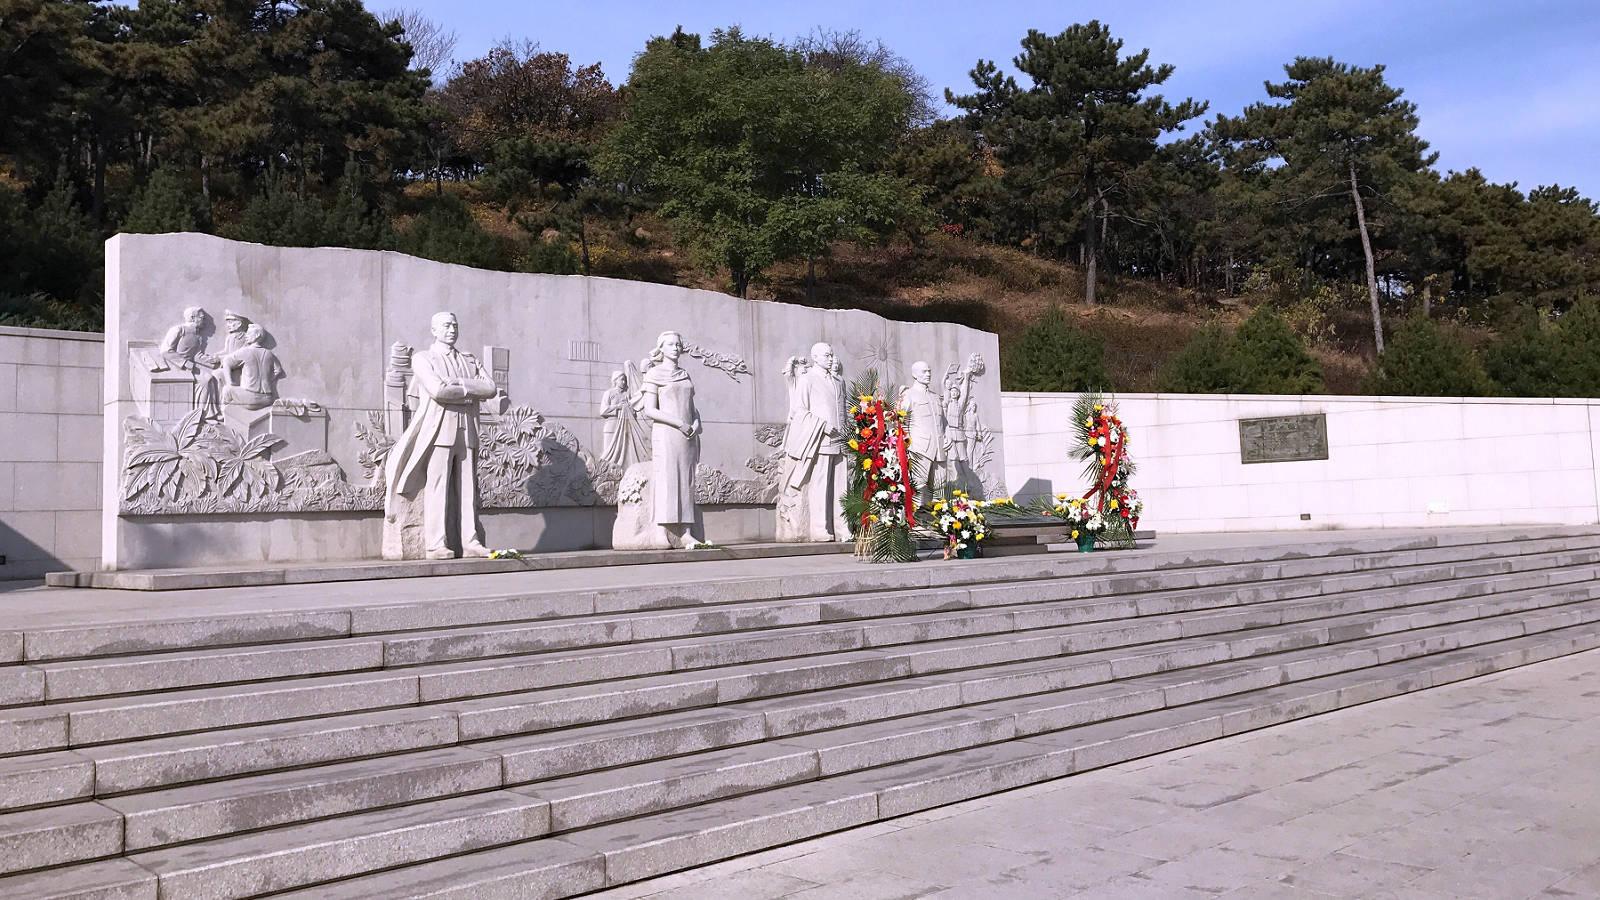 西山無名英雄紀念廣場上立有四個塑像,人物由右到左分別為涉及「吳石案」的聶曦、吳石將軍、朱楓、陳寶倉將軍。